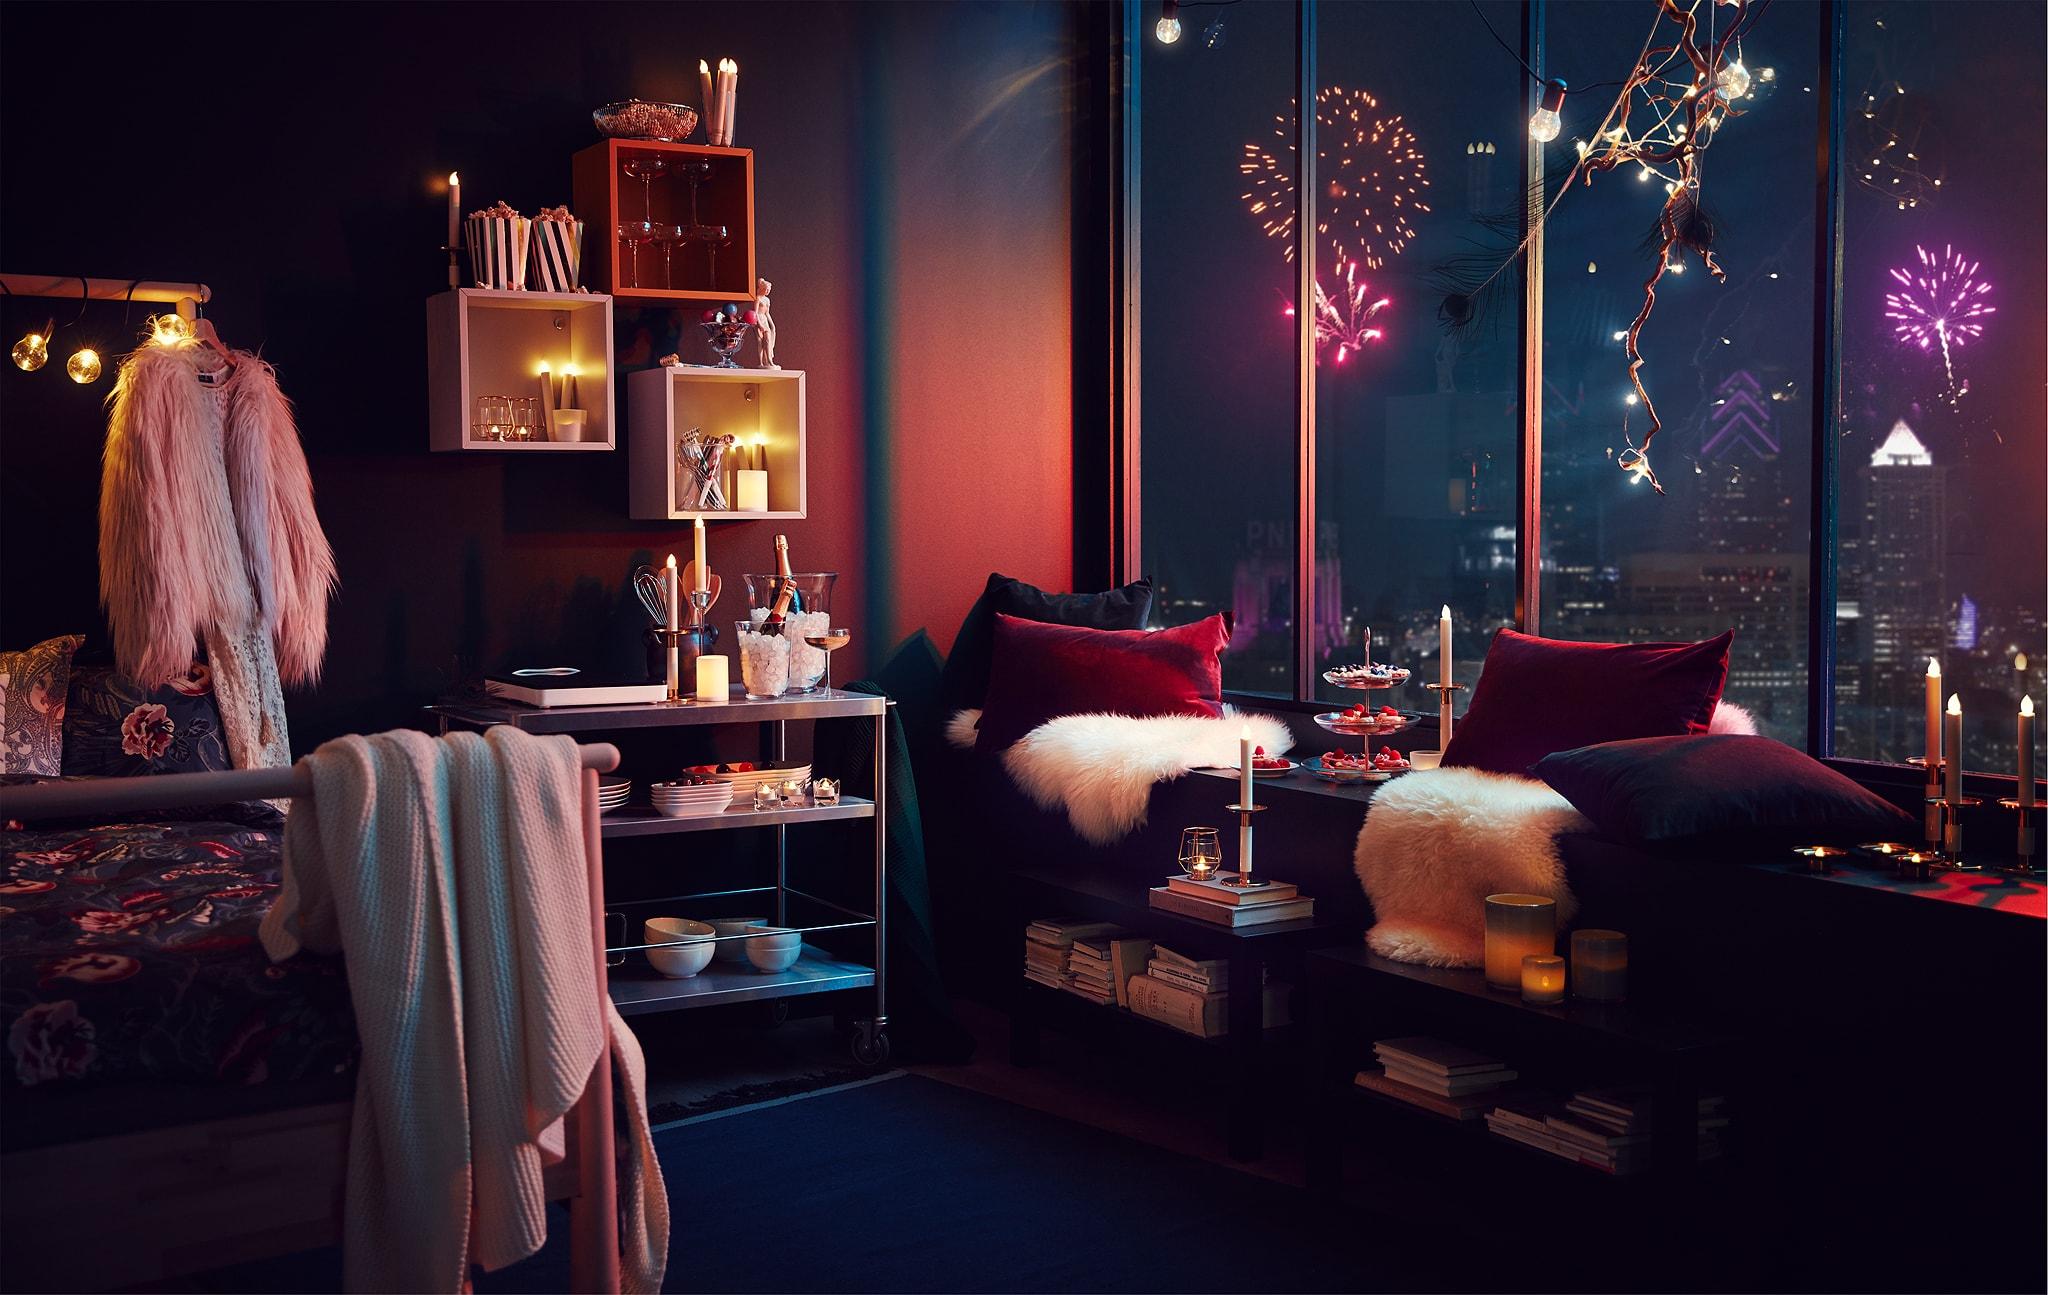 Interior apartemen dengan dekorasi pesta dan lampu; kembang api dari kota terlihat melalui jendela tinggi.